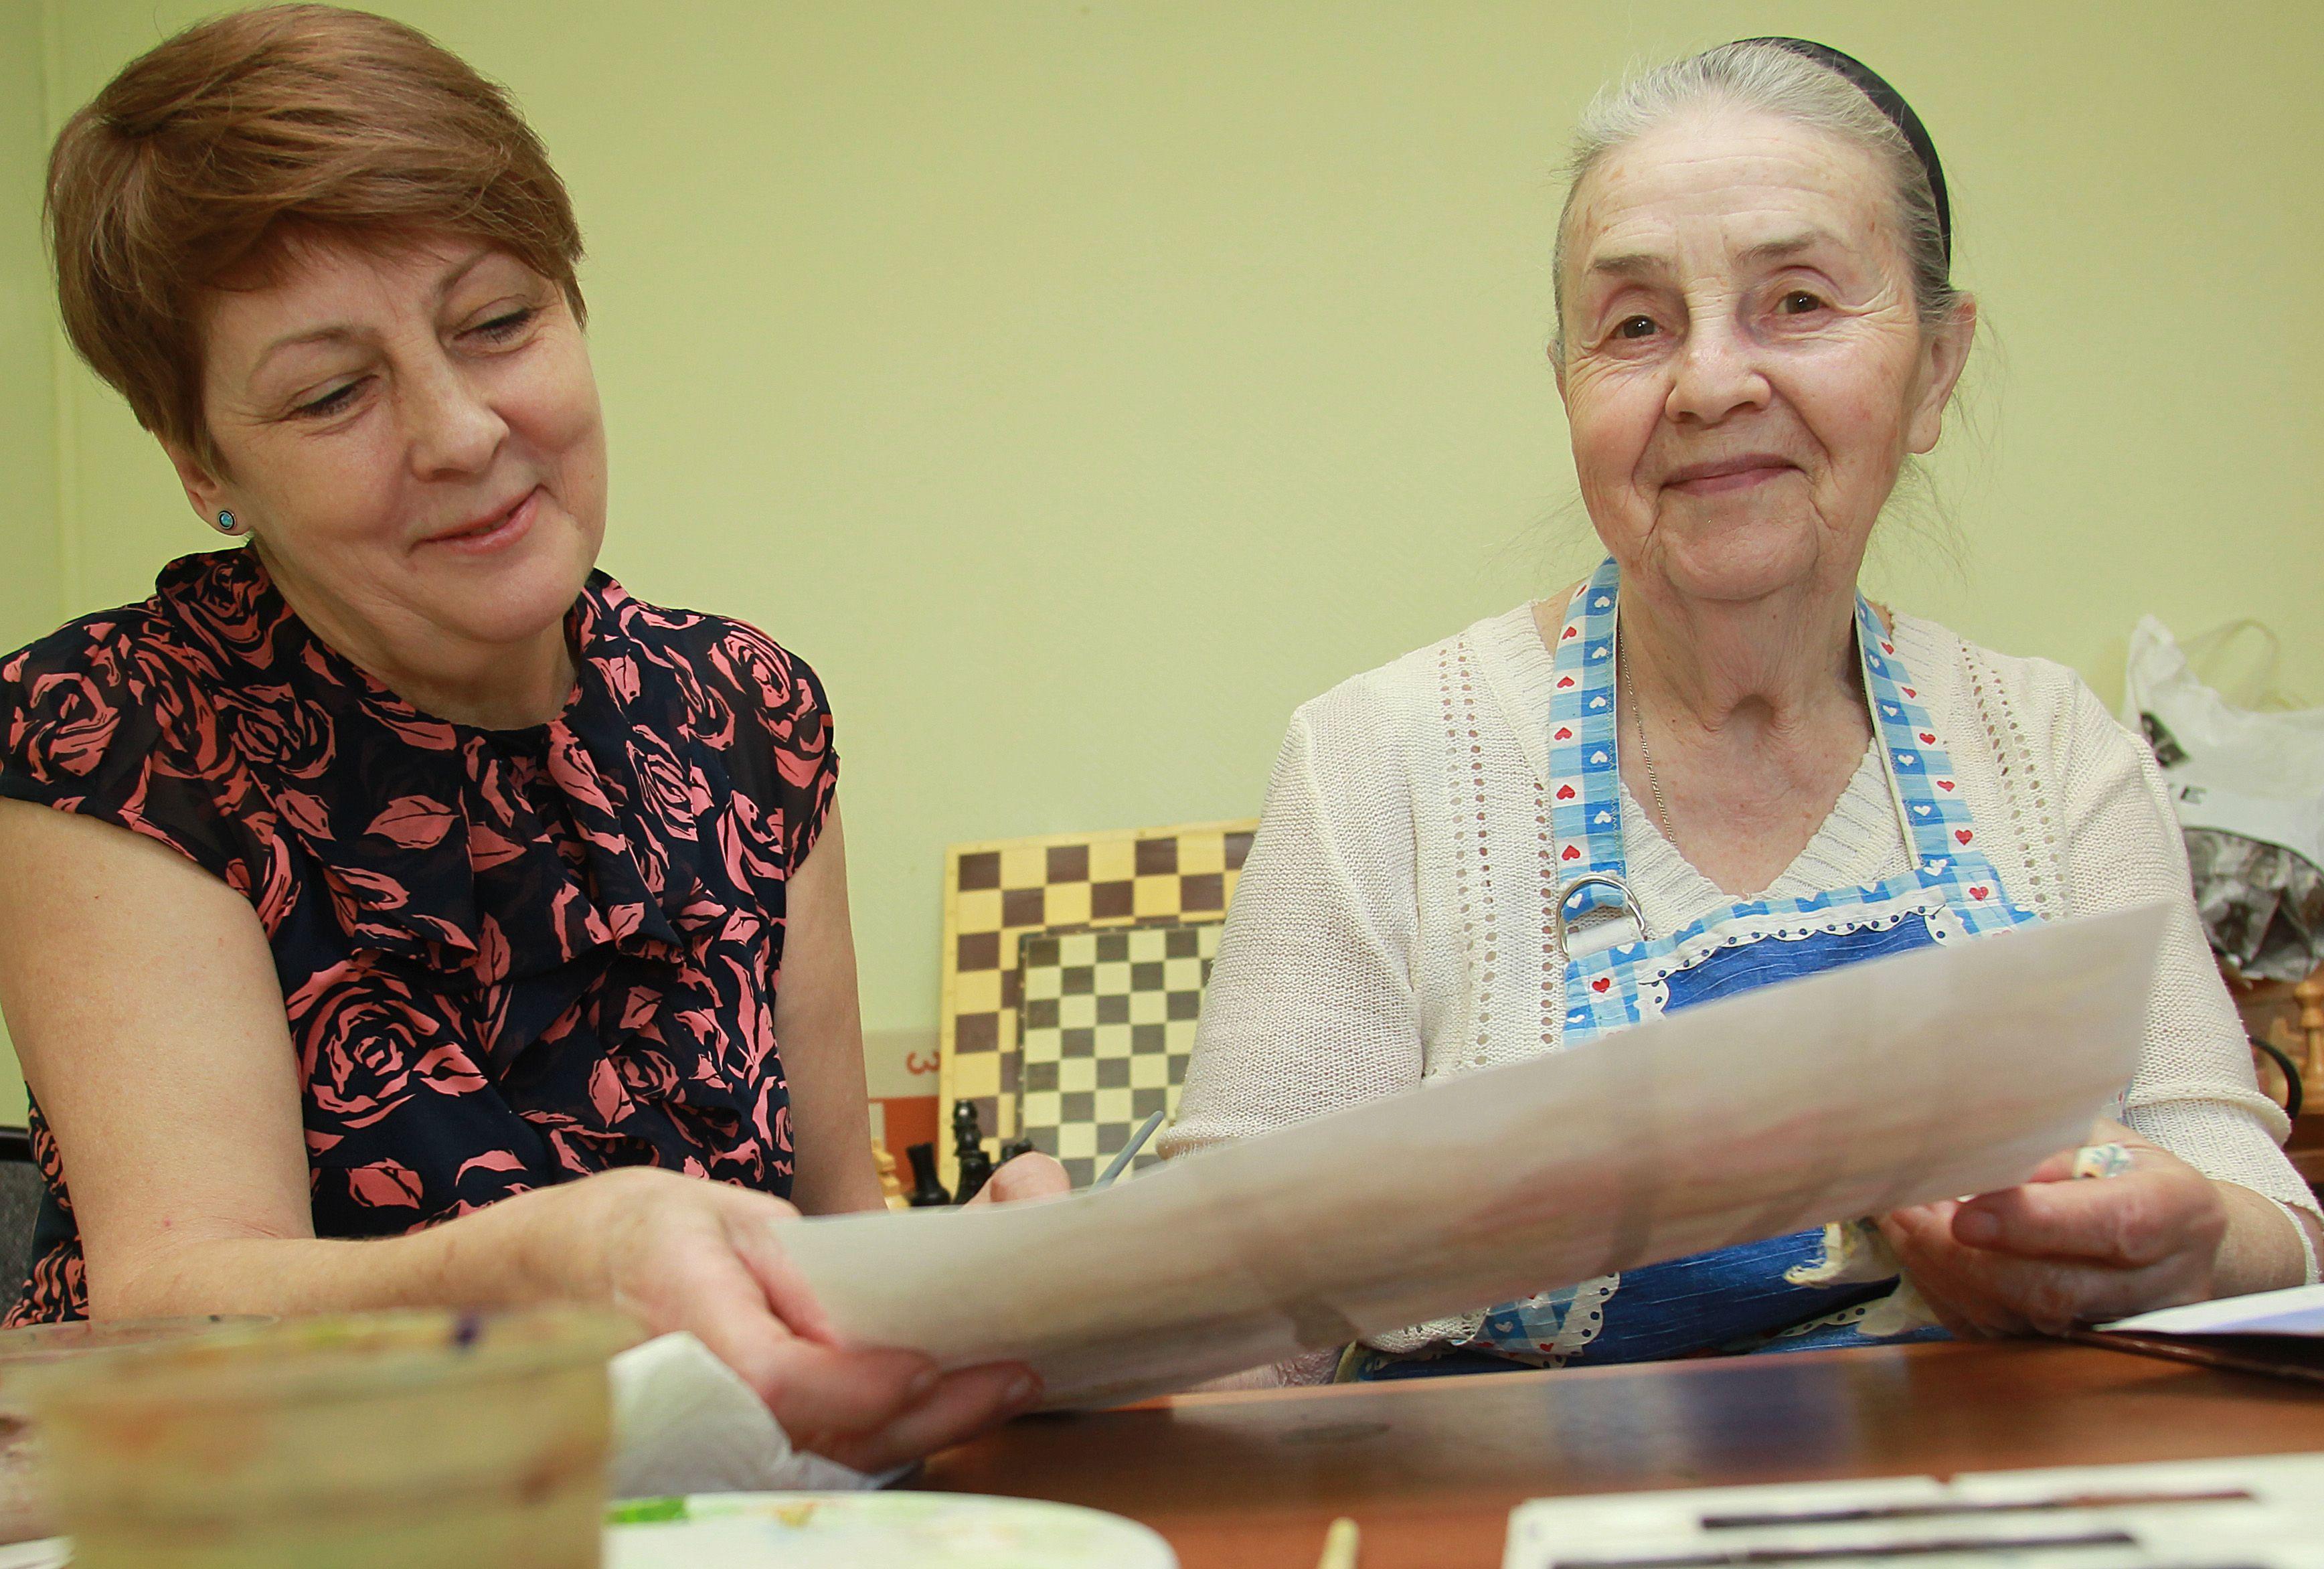 Представители «серебряного» возраста из Новофедоровского выступят на празднике. Фото: Наталия Нечаева, «Вечерняя Москва»